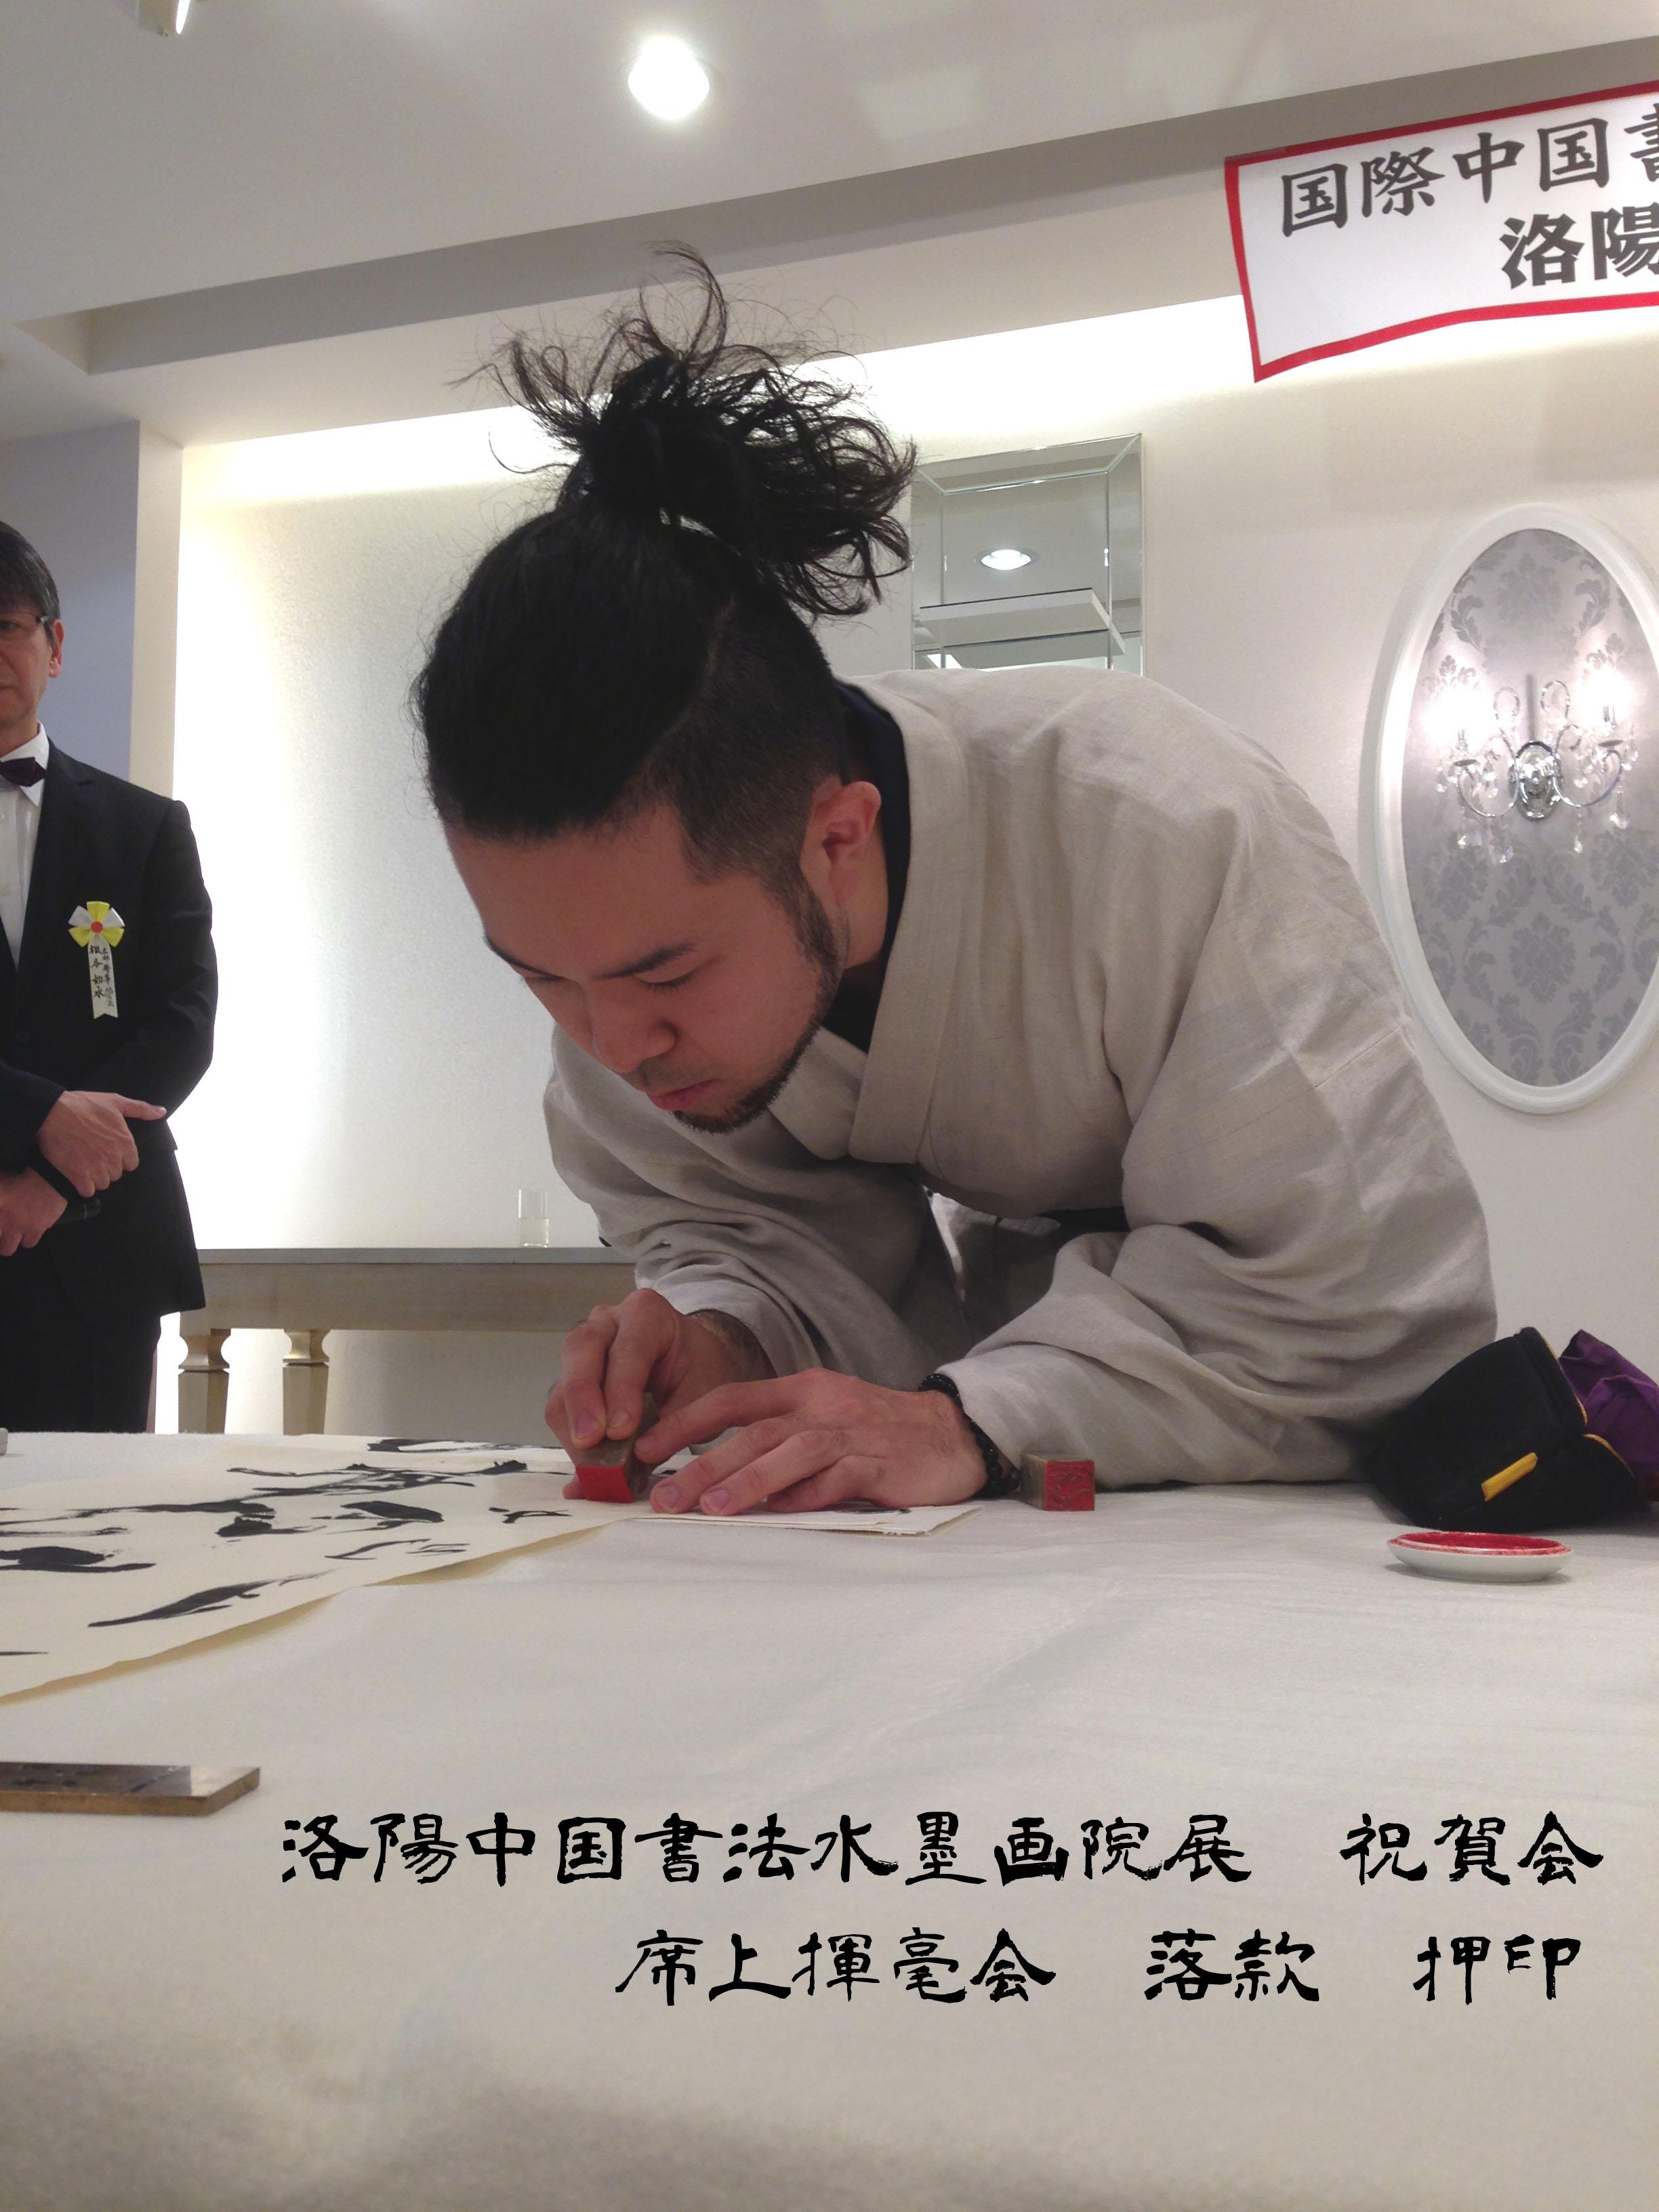 洛陽中国書法水墨画院展 2014 祝賀会 揮毫会 作品制作 書 遠藤夕幻